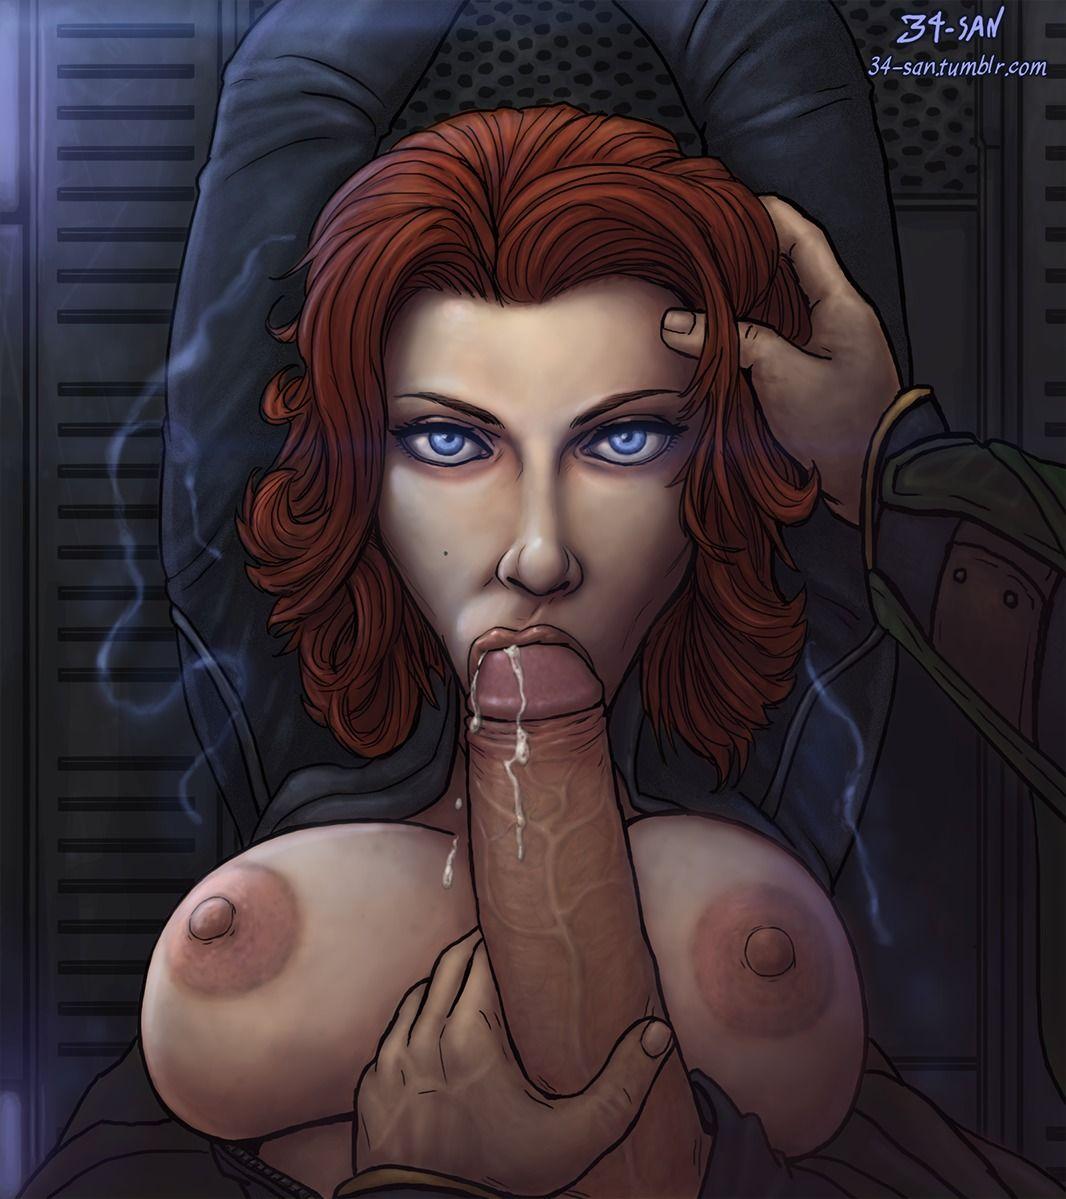 прощения, что Вас порно онлайн пикап на стройке думаю, что ошибаетесь